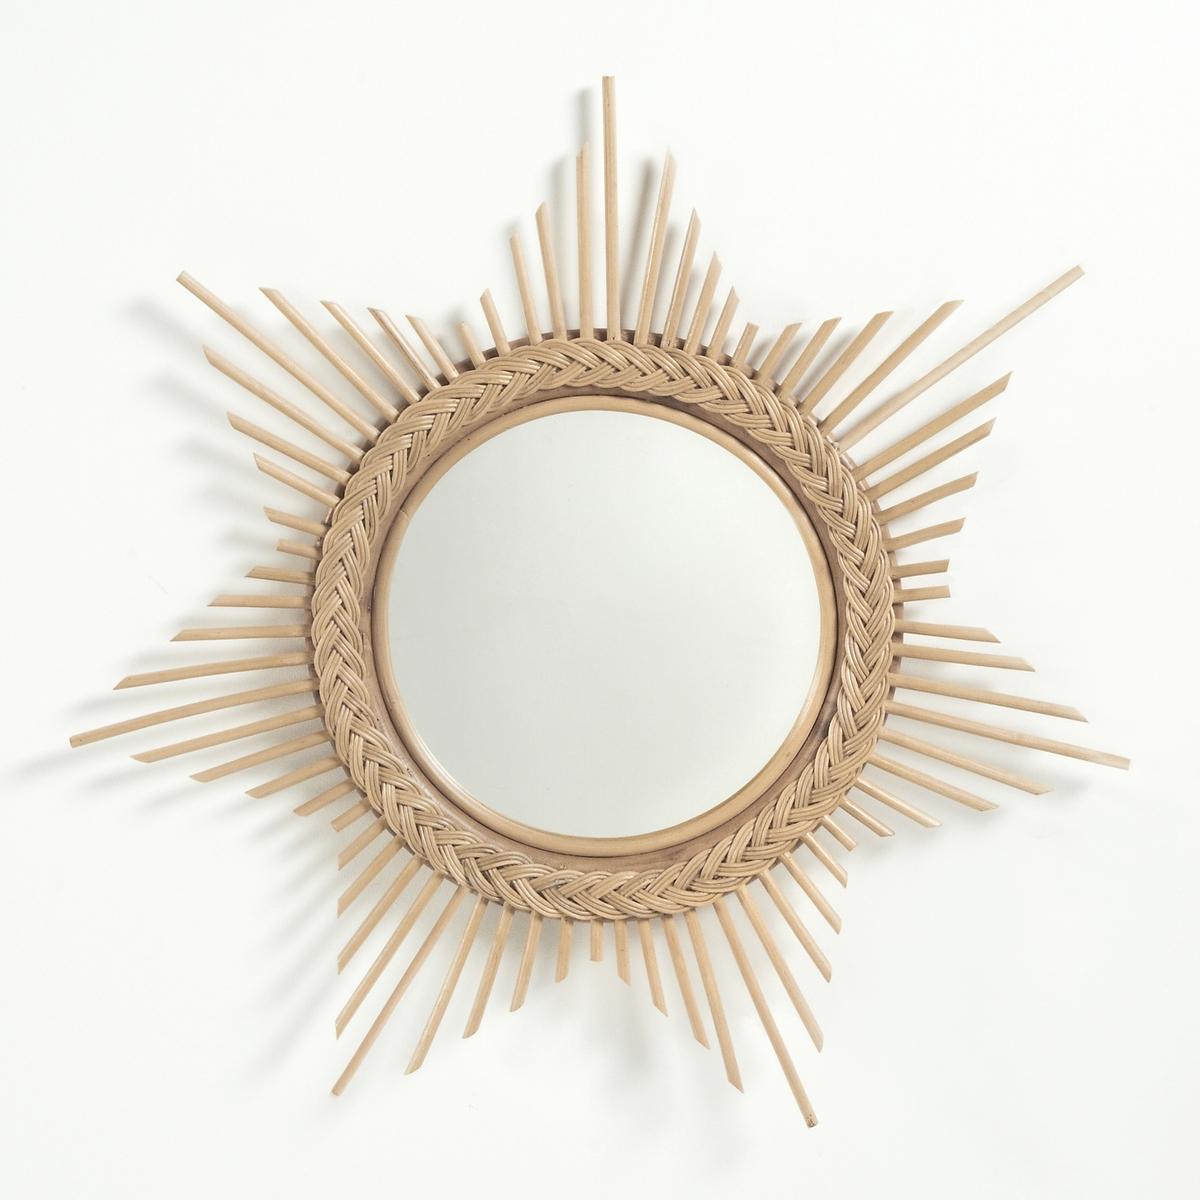 Зеркало в форме солнца из ротангаДобавьте солнца в прихожую или гостиную благодаря зеркалу в форме солнца из ротанга Brigitte Bardot.Характеристики зеркала в форме солнца из ротанга Brigitte Bardot :Из ротангаКрепление к стене с помощью шнура- Винты и дюбеля продаются отдельноДругие зеркала вы можете найти на сайте laredoute.ruРазмеры зеркала в форме солнца из ротанга Brigitte Bardot :Диаметр. 67 x глубина 5 смДиаметр. зеркала : 30 см<br><br>Цвет: серо-бежевый<br>Размер: единый размер